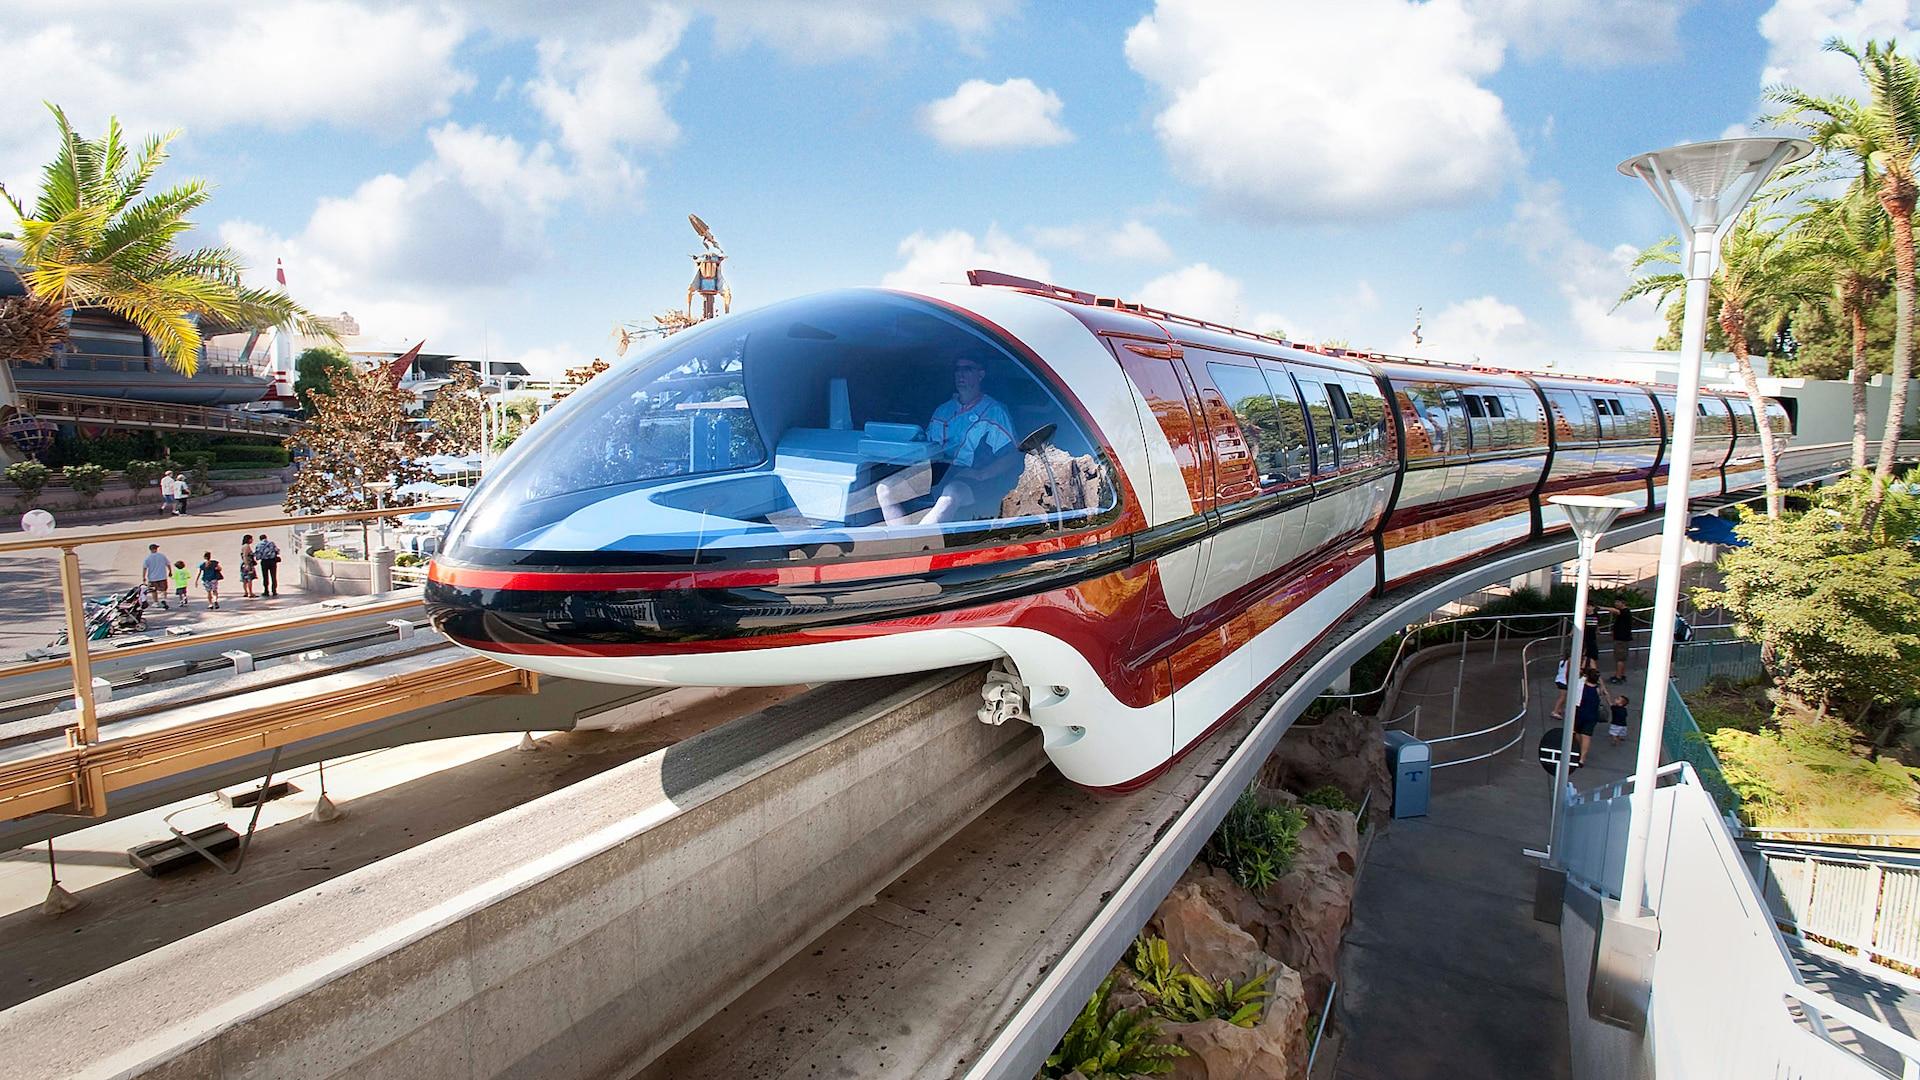 Disneyland Monorail | Rides & Attractions | Disneyland Park